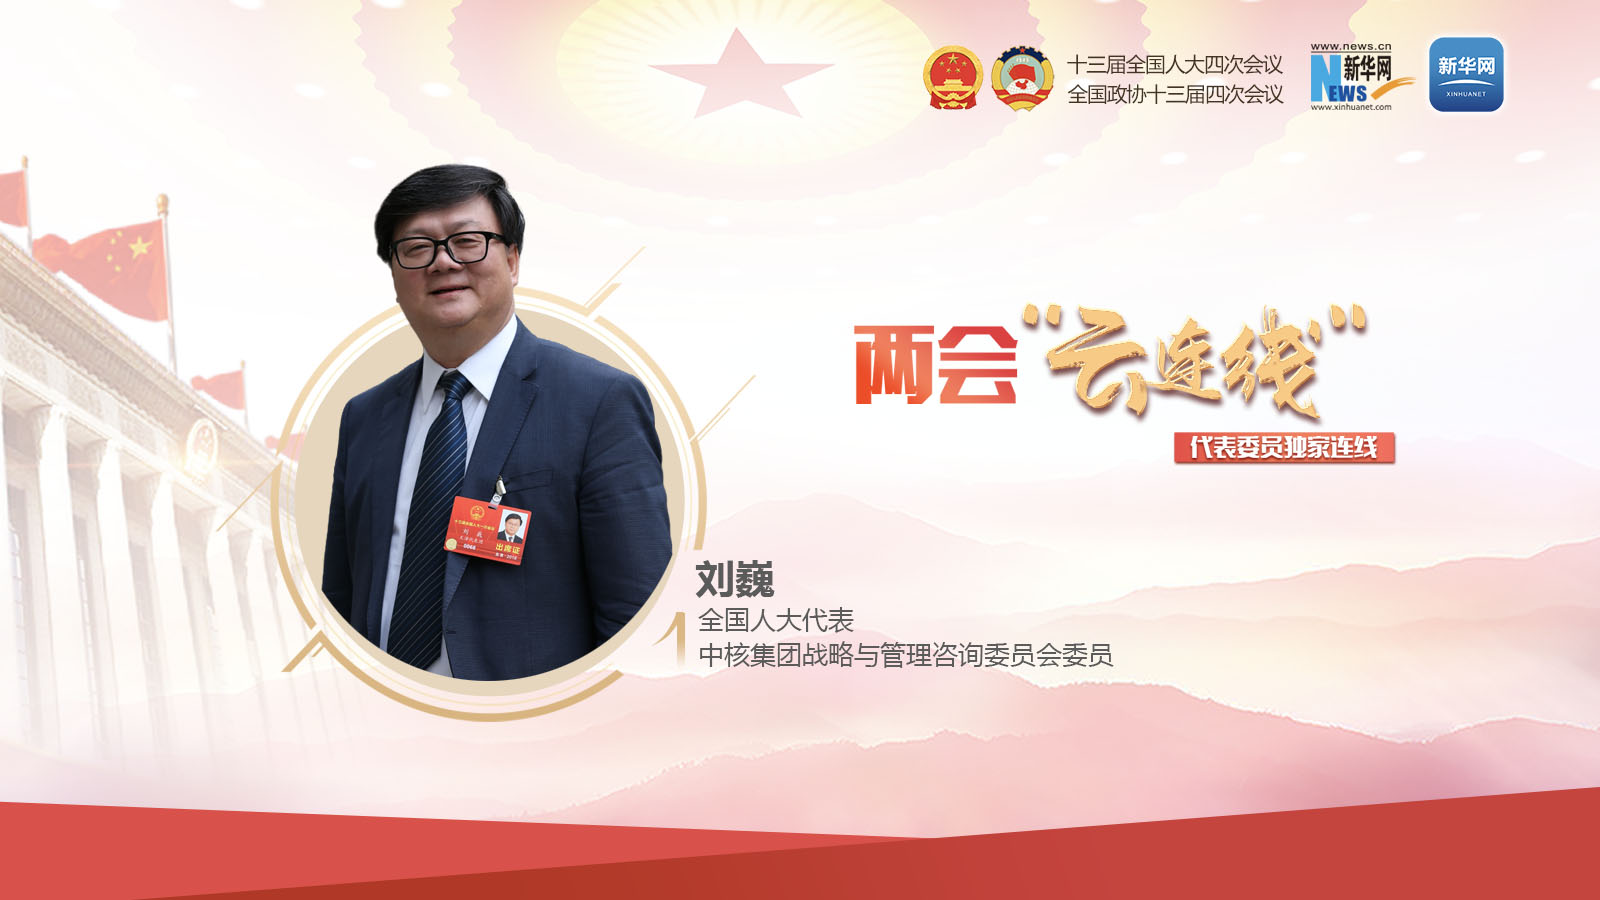 全國人大代表劉巍:發展核電是實現碳達峰、碳中和願景的重要選項